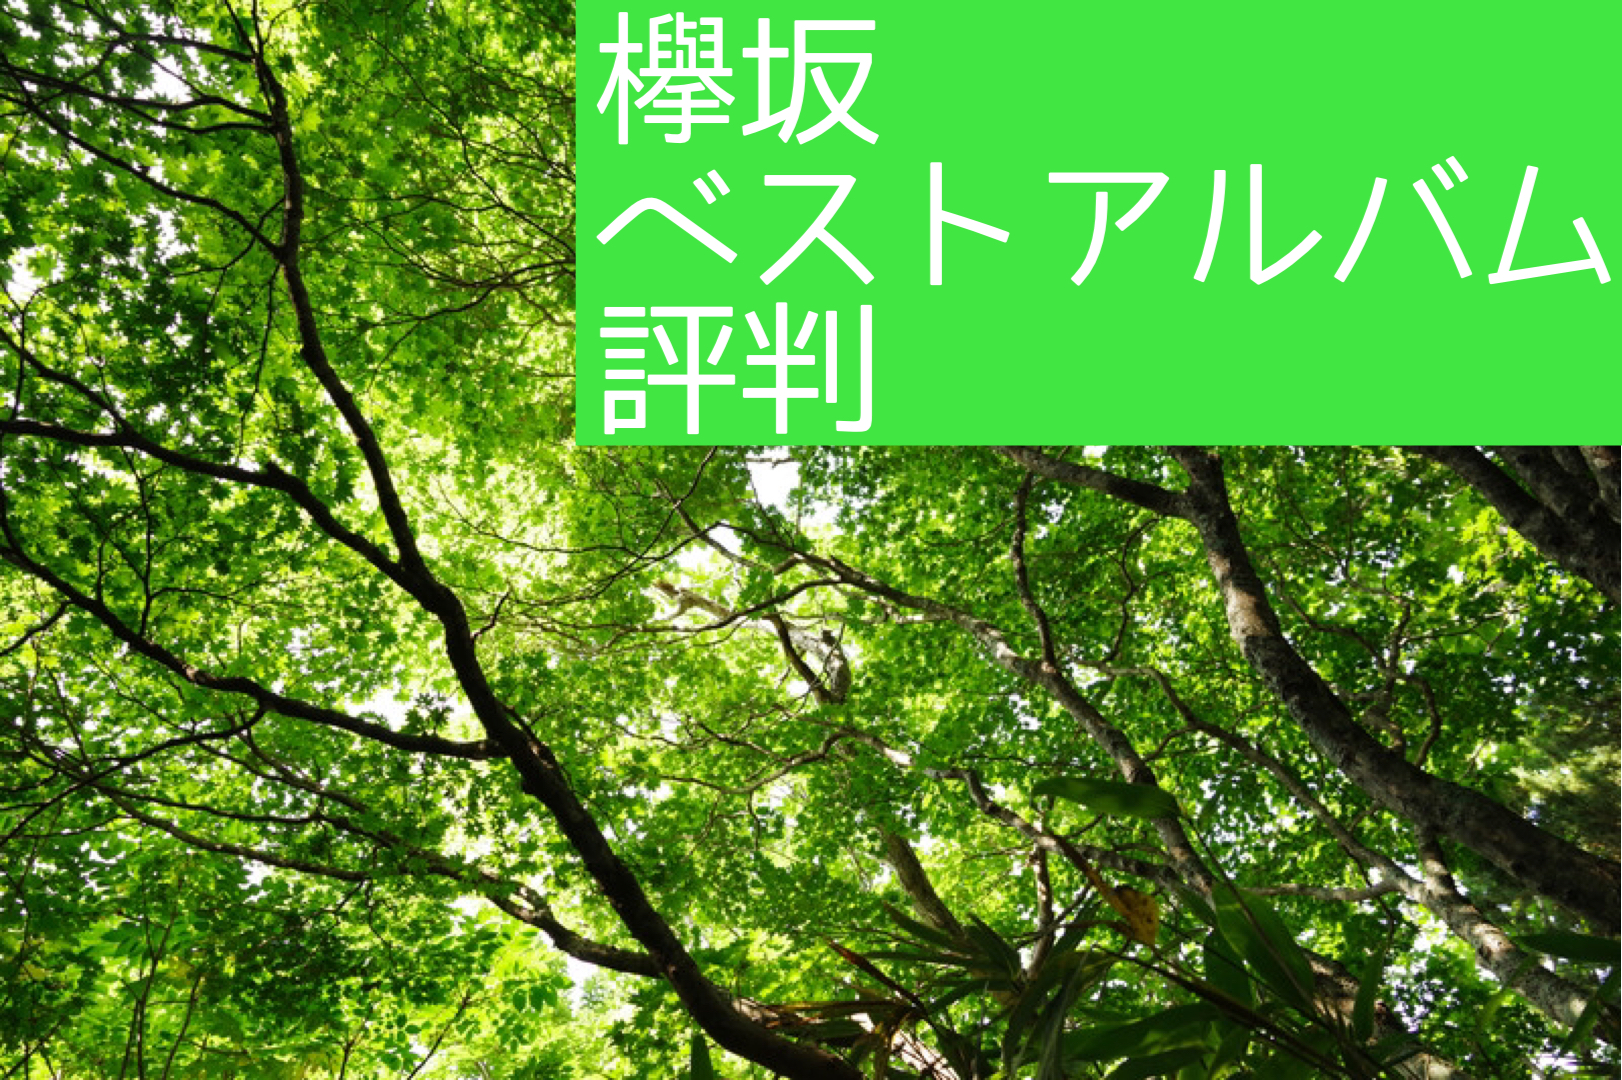 ファン以外の評判は?欅坂46のベストアルバムが発売!【櫻坂】